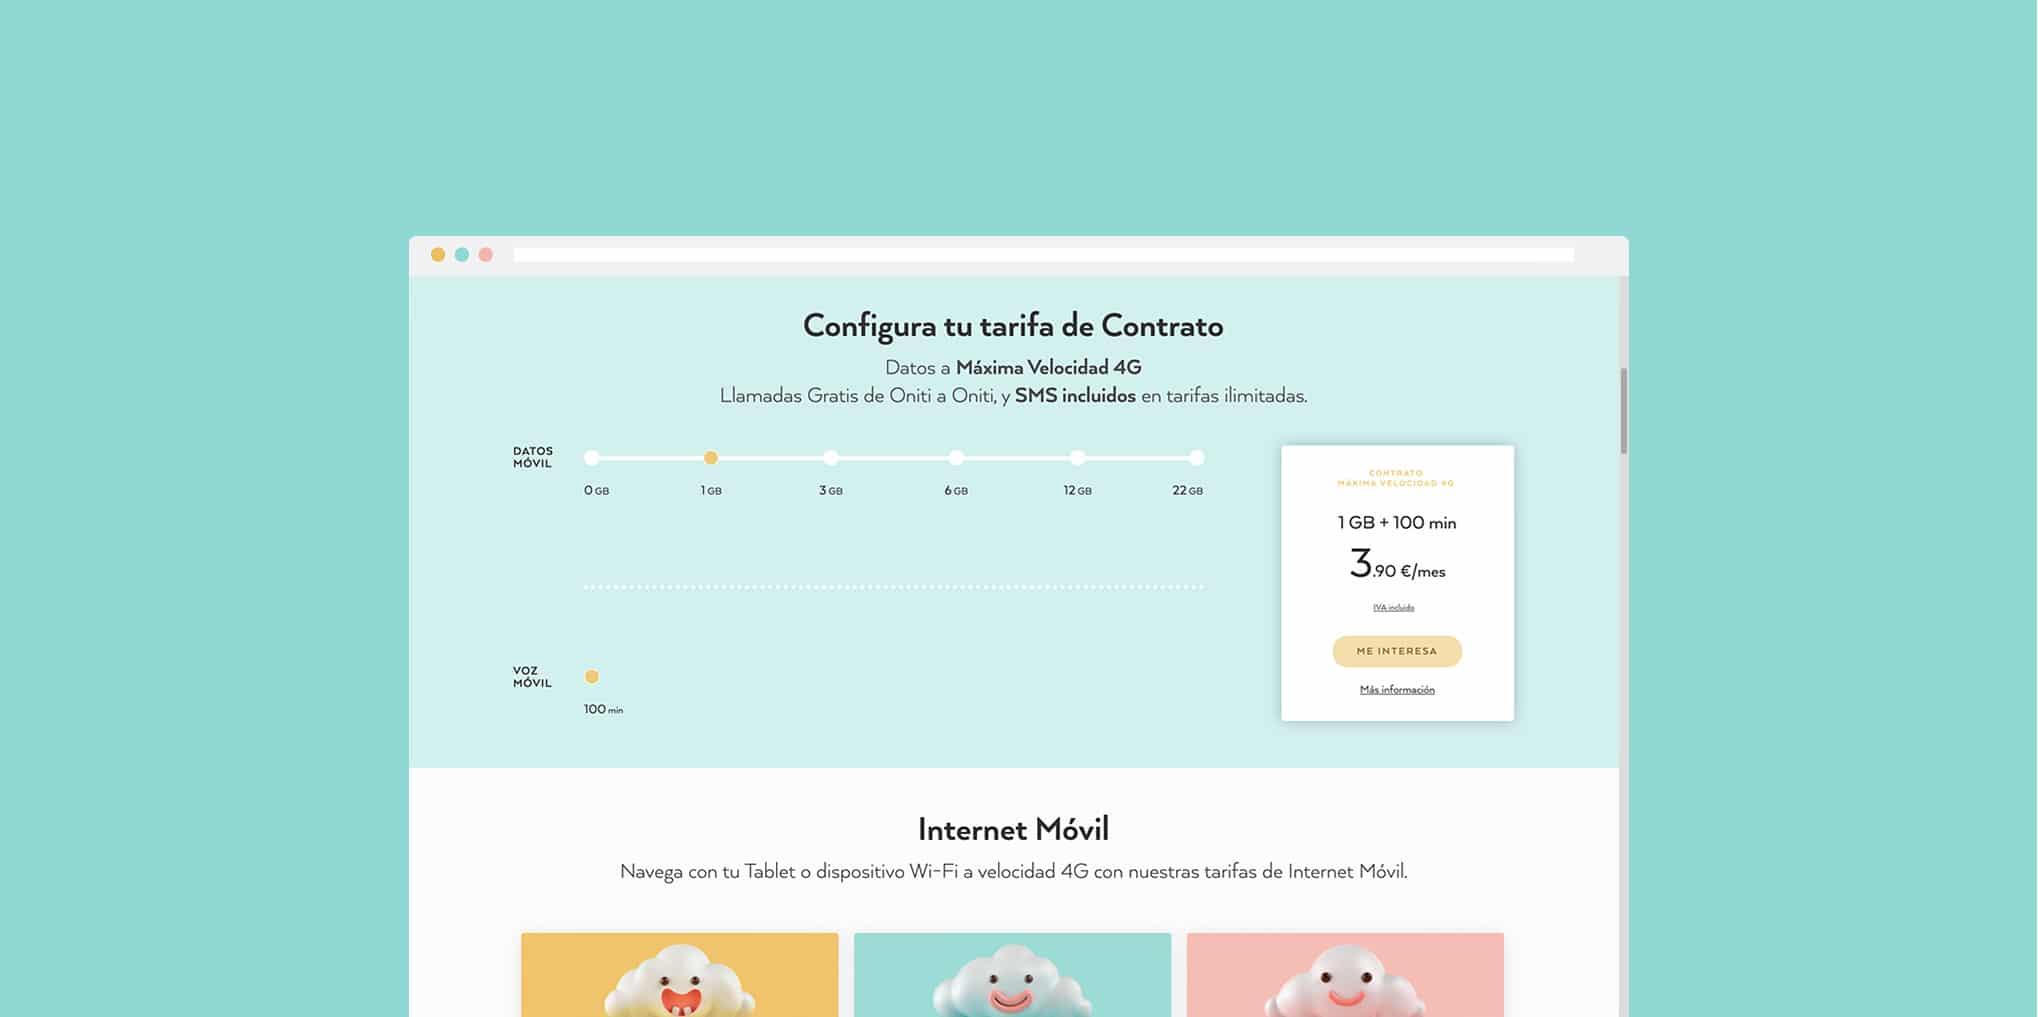 web-configura-tu-tarifa-1